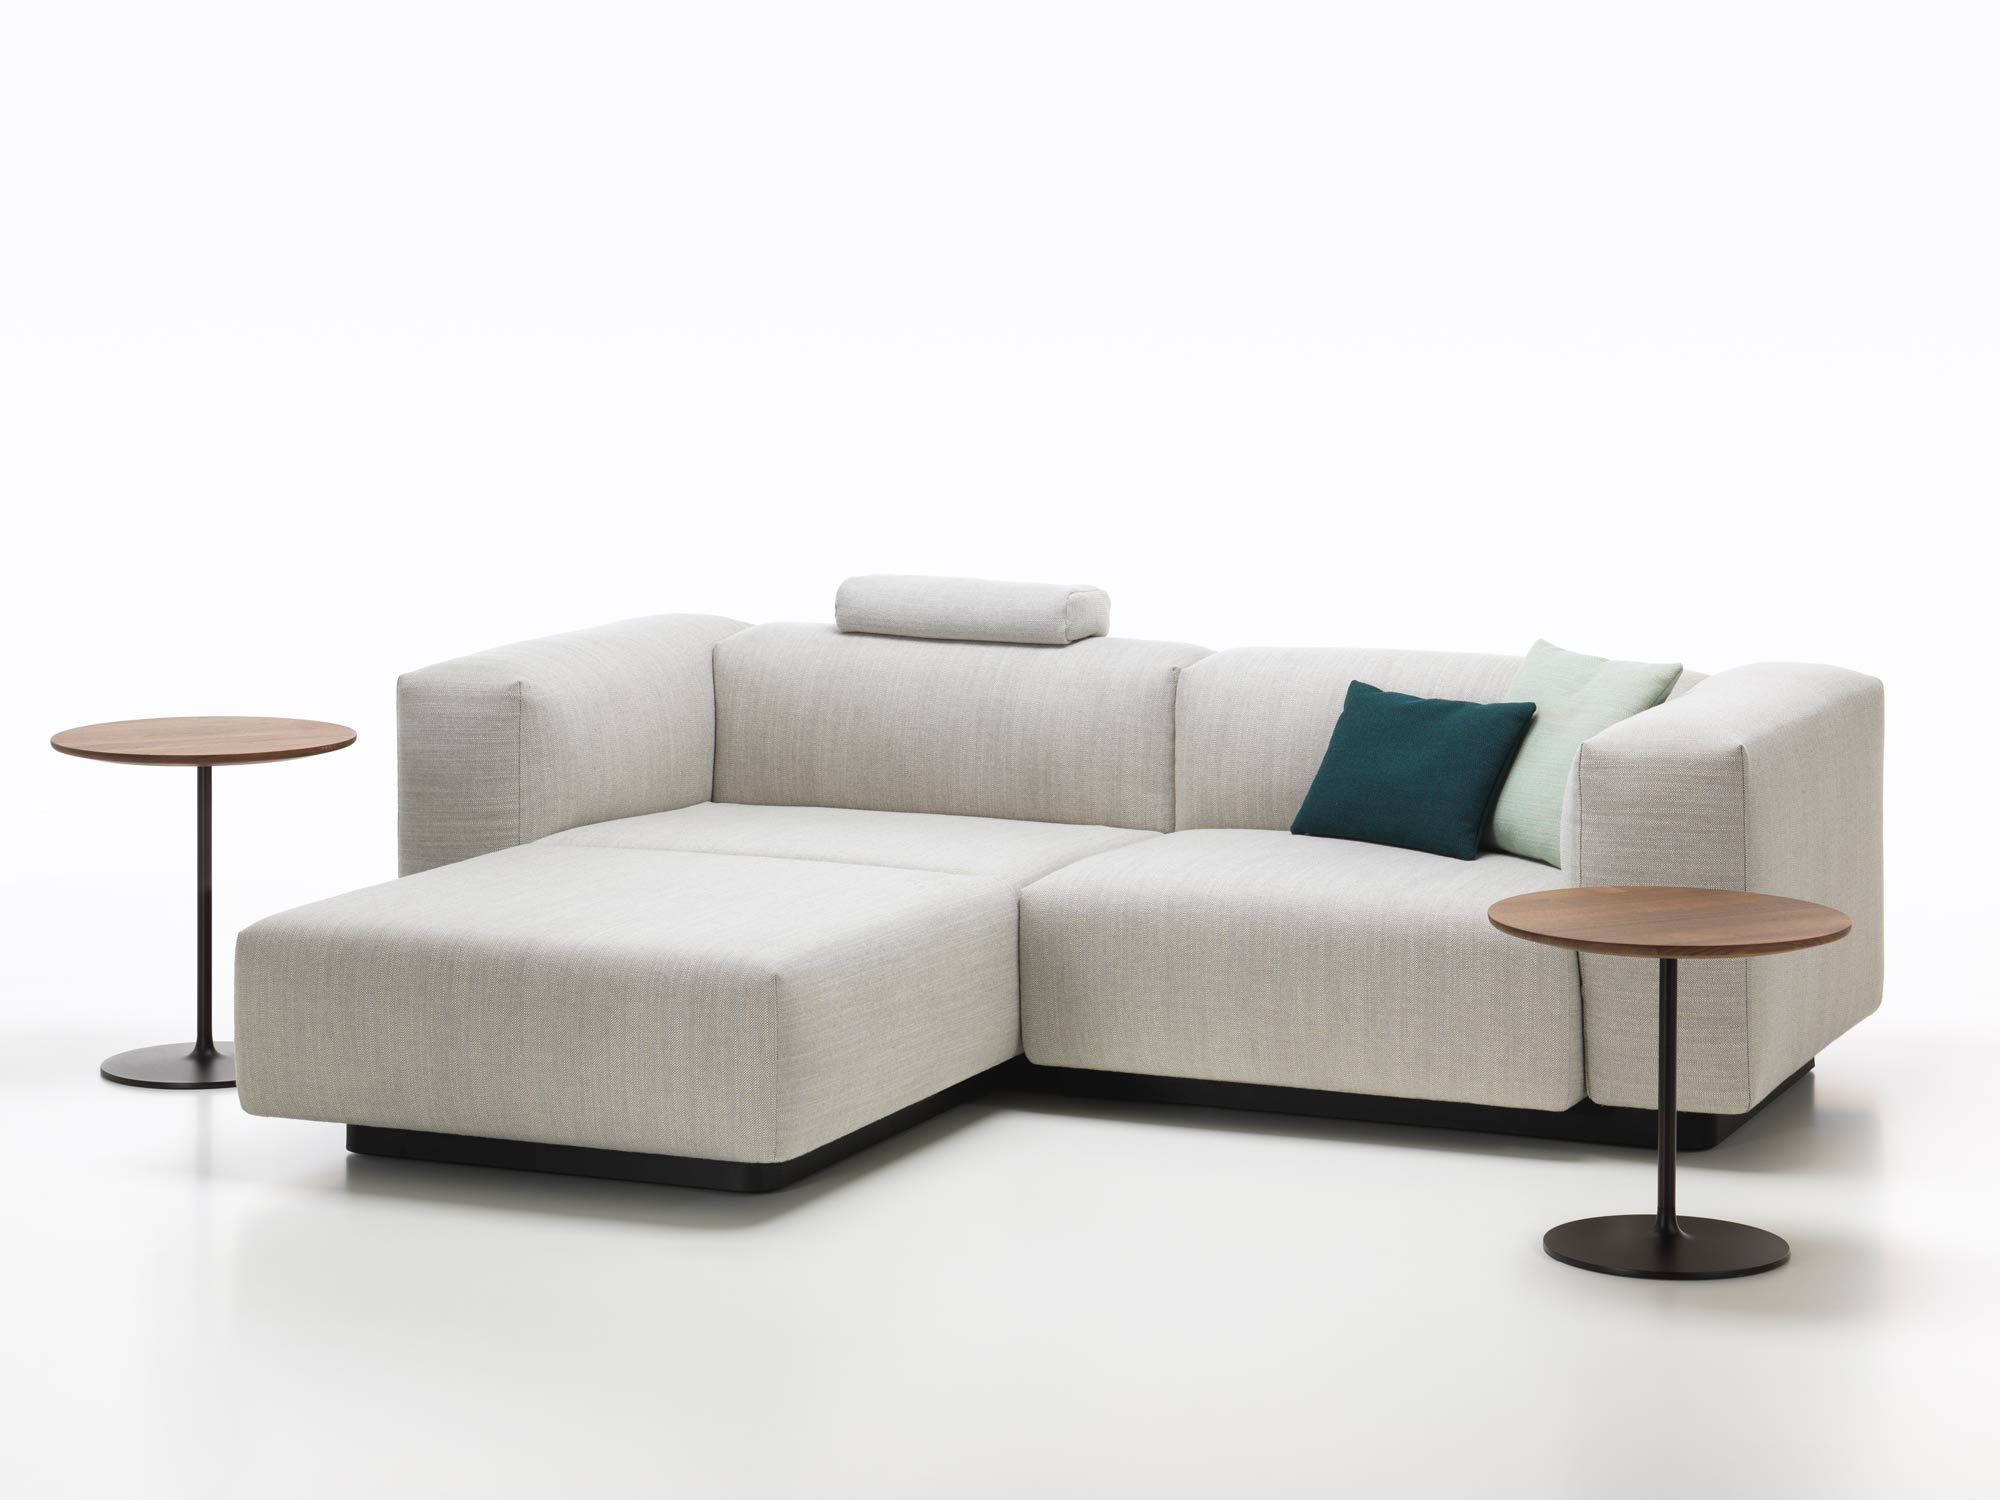 Jasper morrison soft modular sofa peças pinterest modular